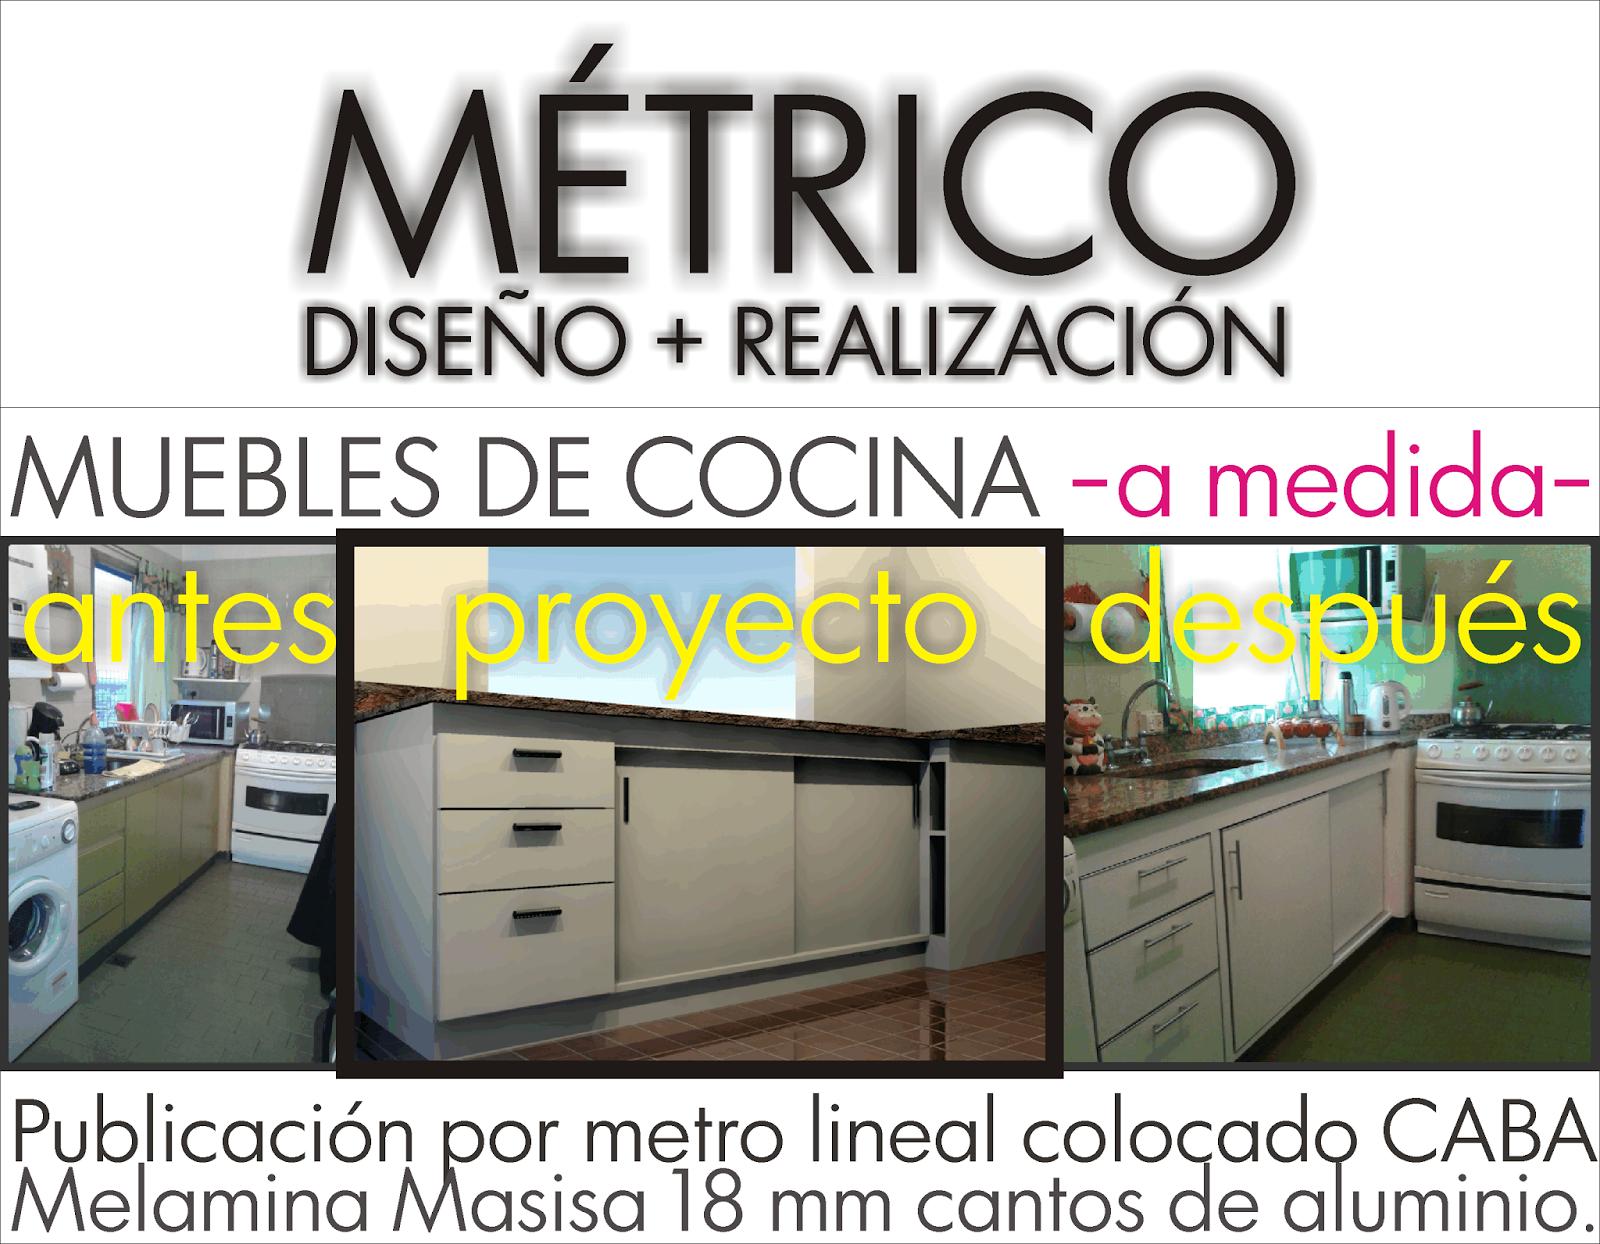 Metrico Bajomesada Blanco Cocina Xmt Lin Min1 60 Instal Caba  ~ Muebles De Cocina Precios Por Metro Lineal